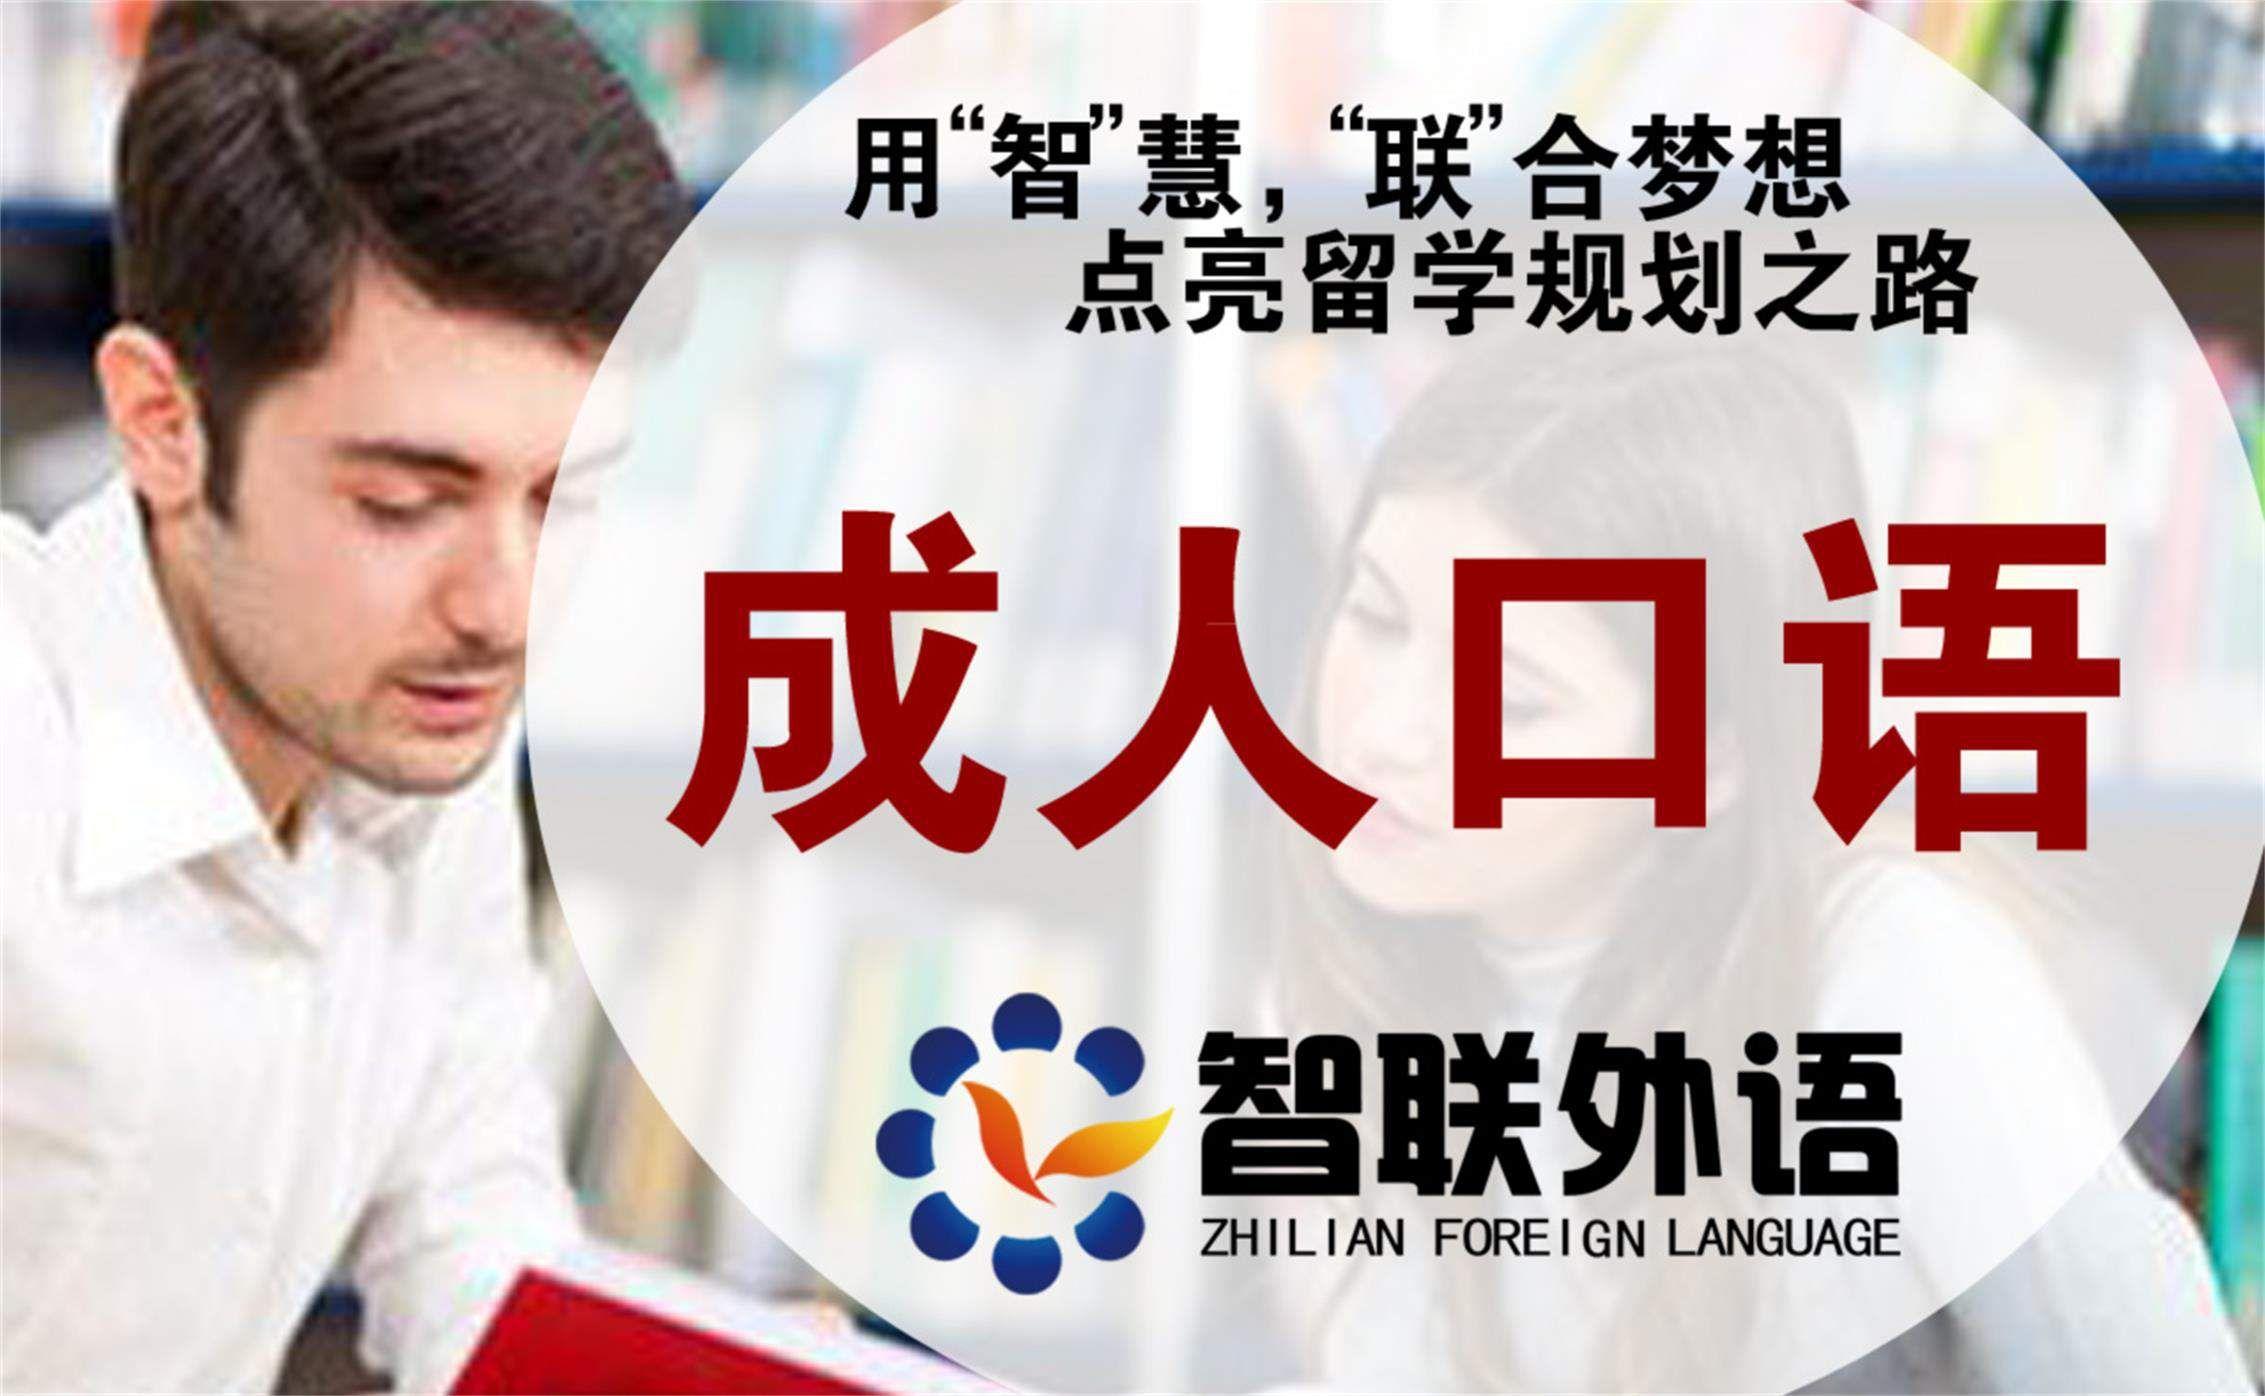 英语口语、和外国人自由交流